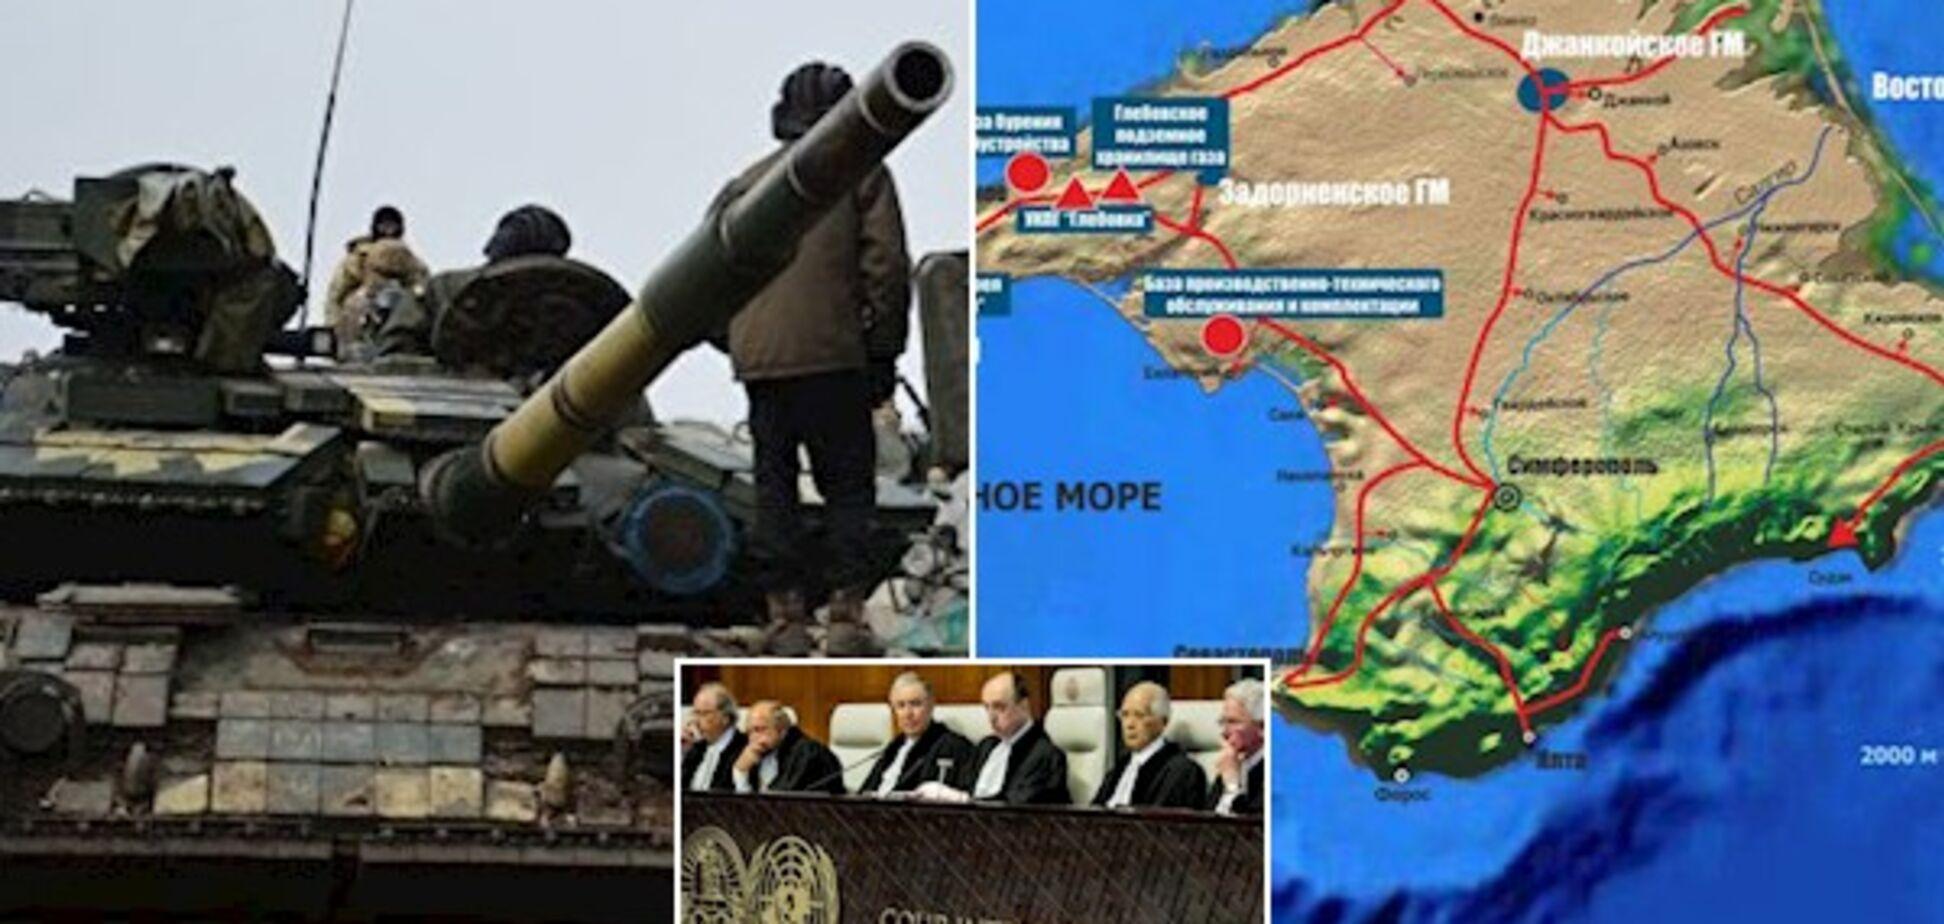 'Треба розділити': Україна підказали, як швидше повернути Донбас і Крим